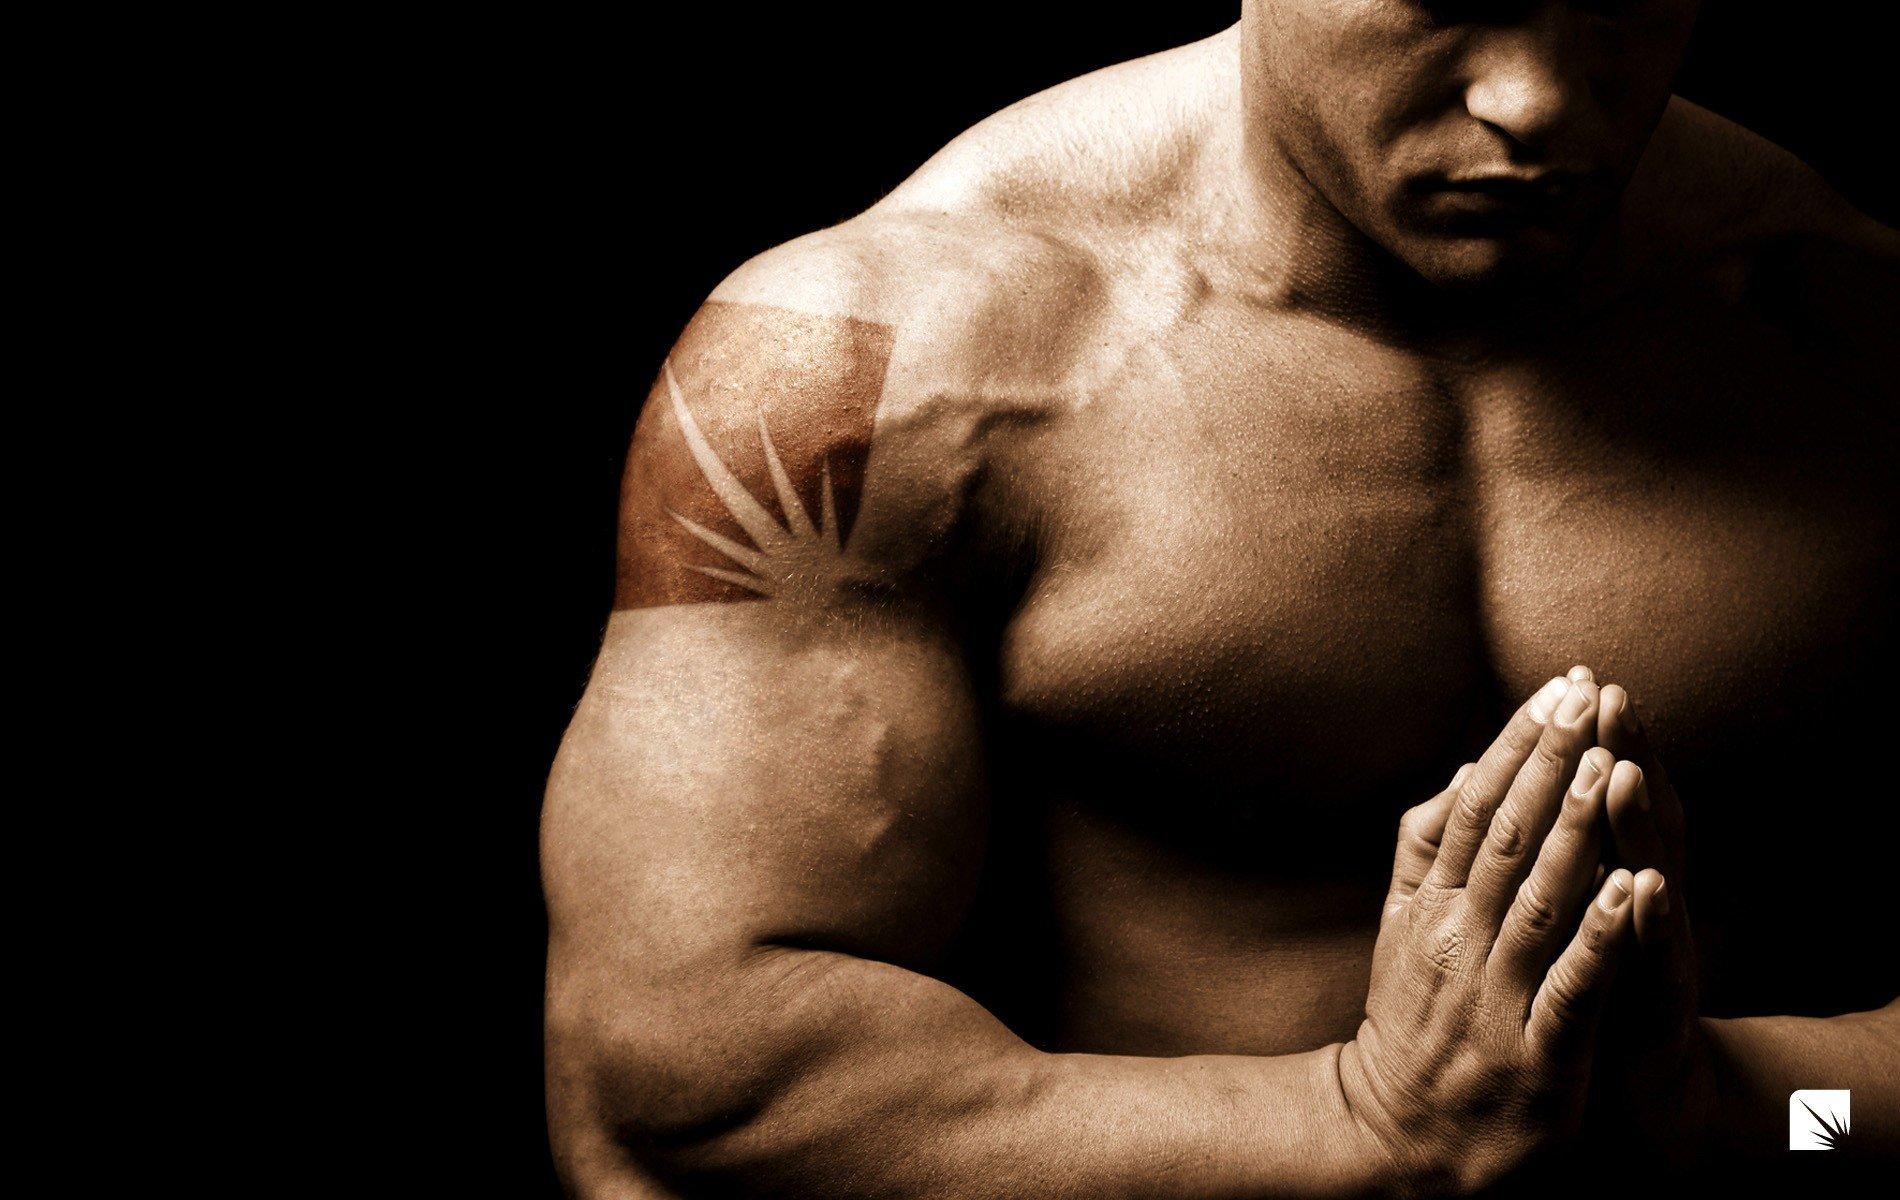 Картинки для сильных мужчин